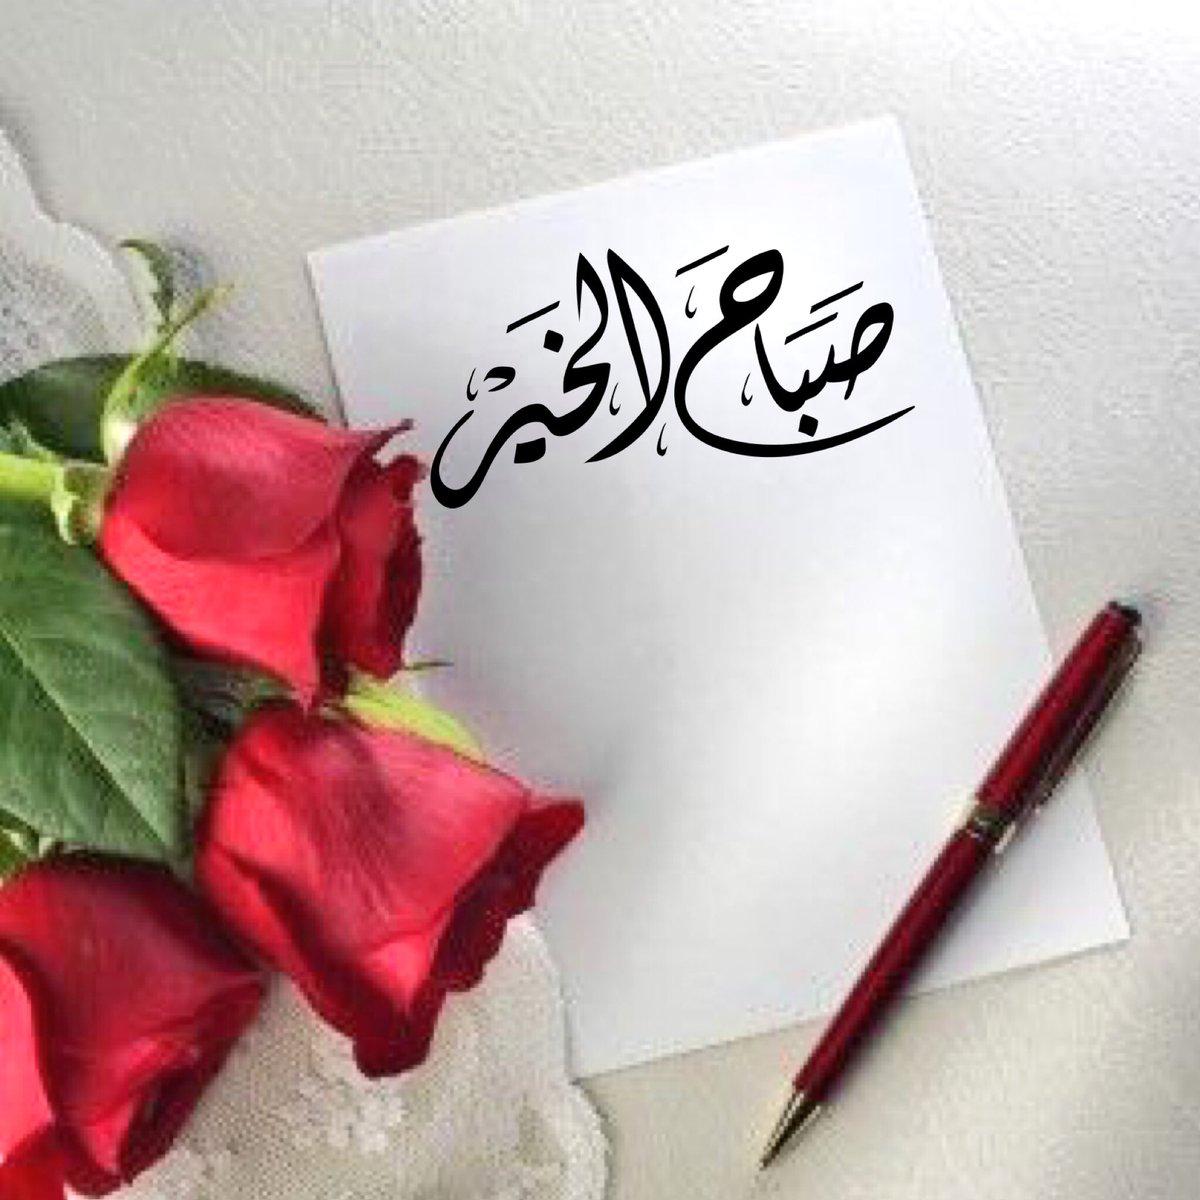 صور رسائل صباح الحب حبيبي , اجمل رسائل صباحيه